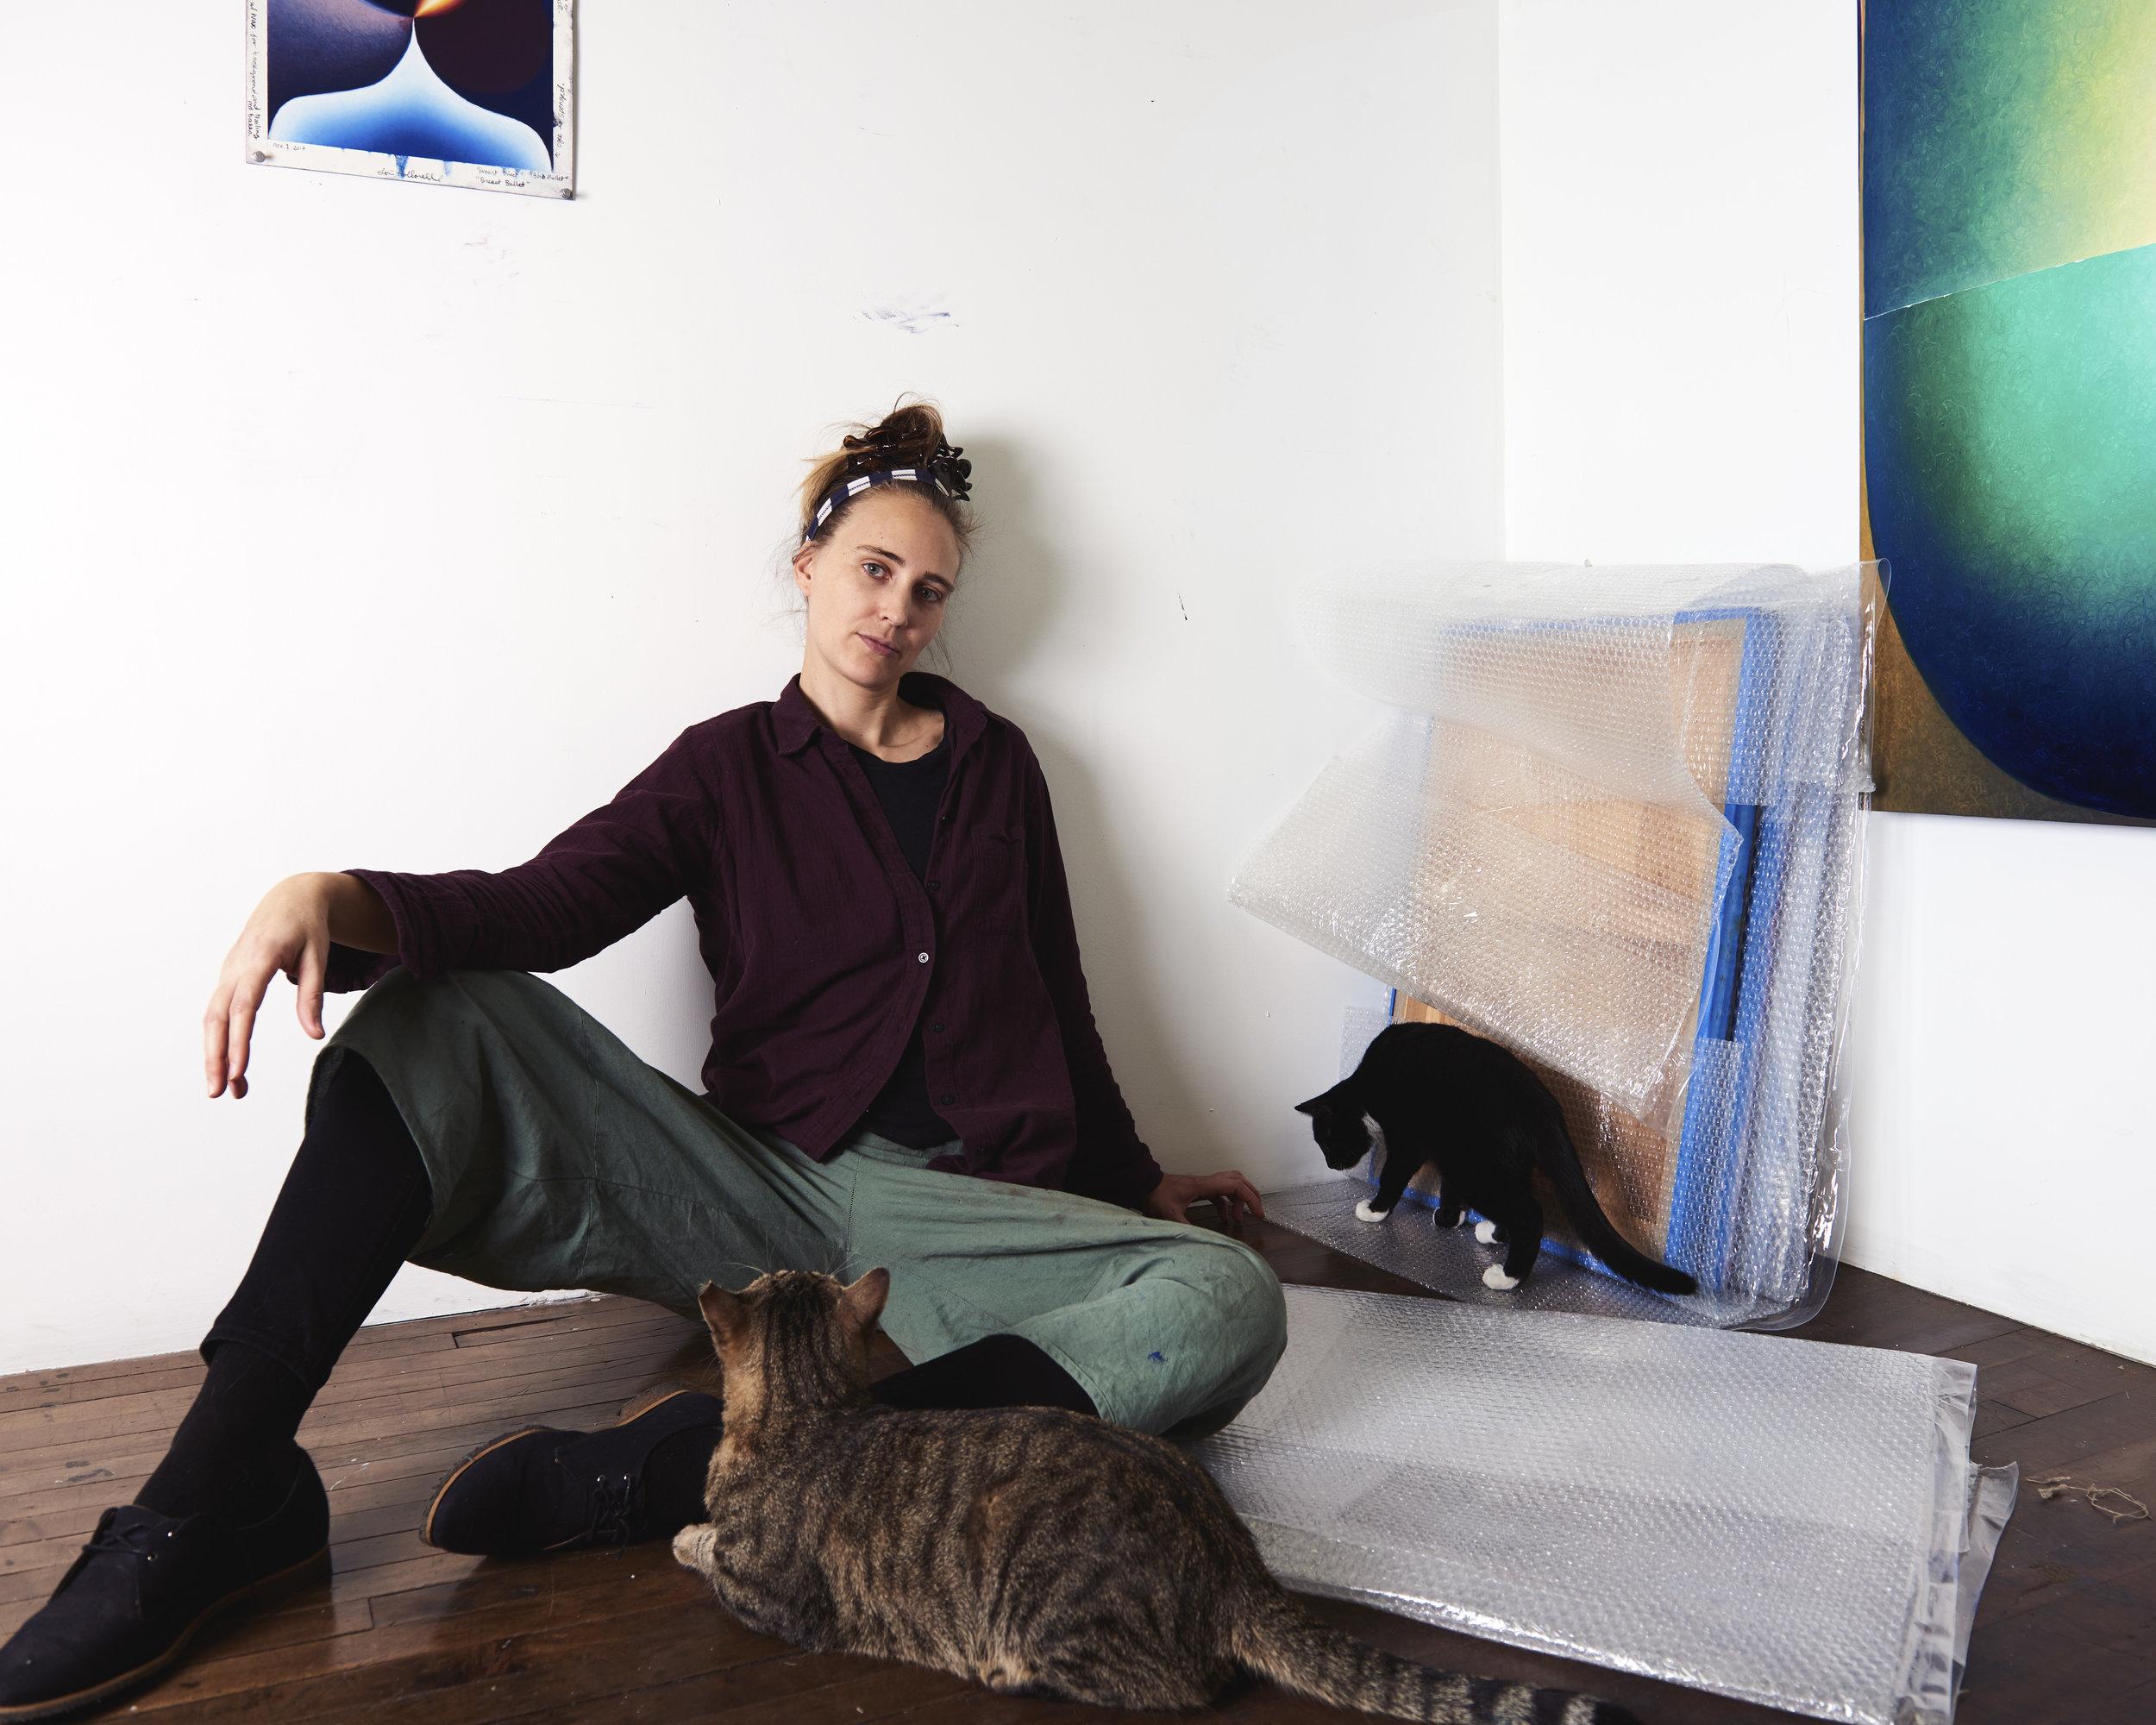 Loie Hollowell Portrait.jpg